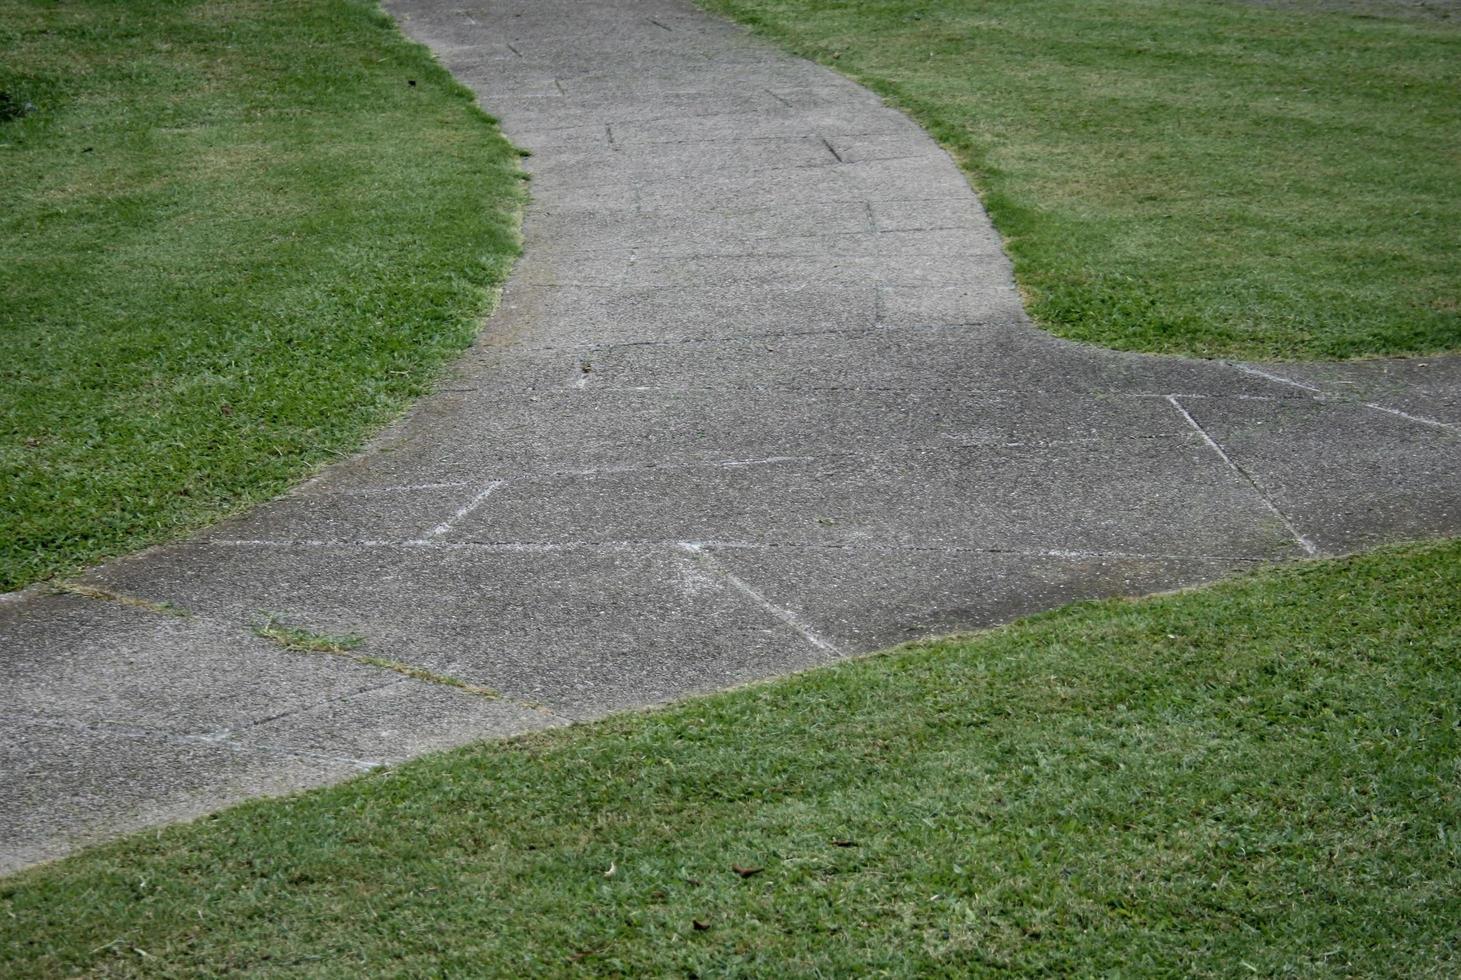 Bürgersteiggang im grünen Gras foto